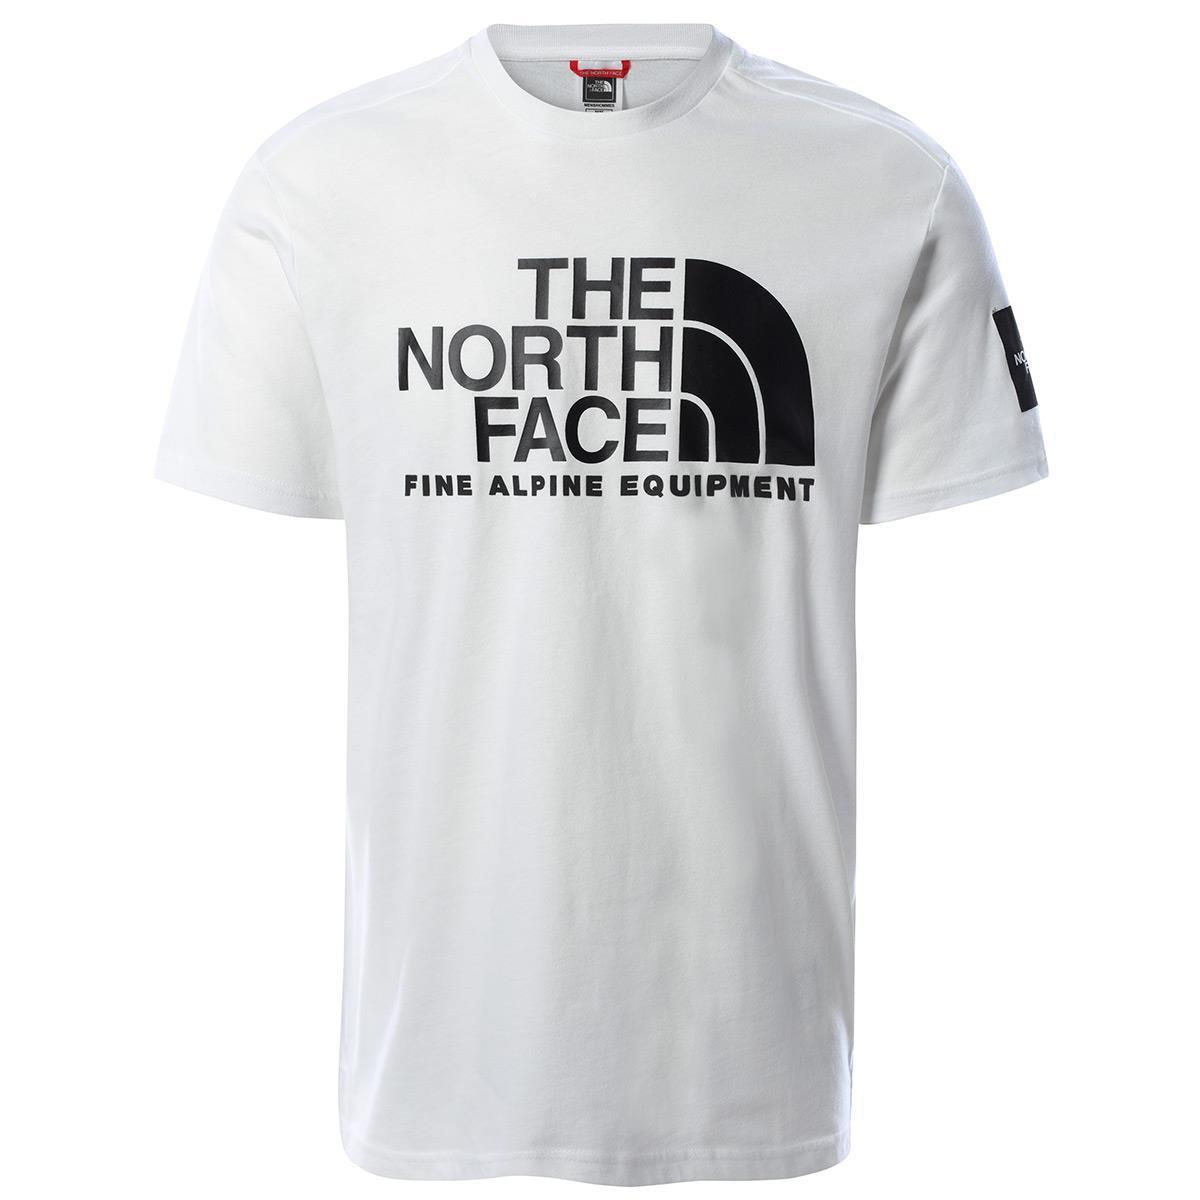 The North Face  Erkek S/S FINE ALPINE Tişört  2